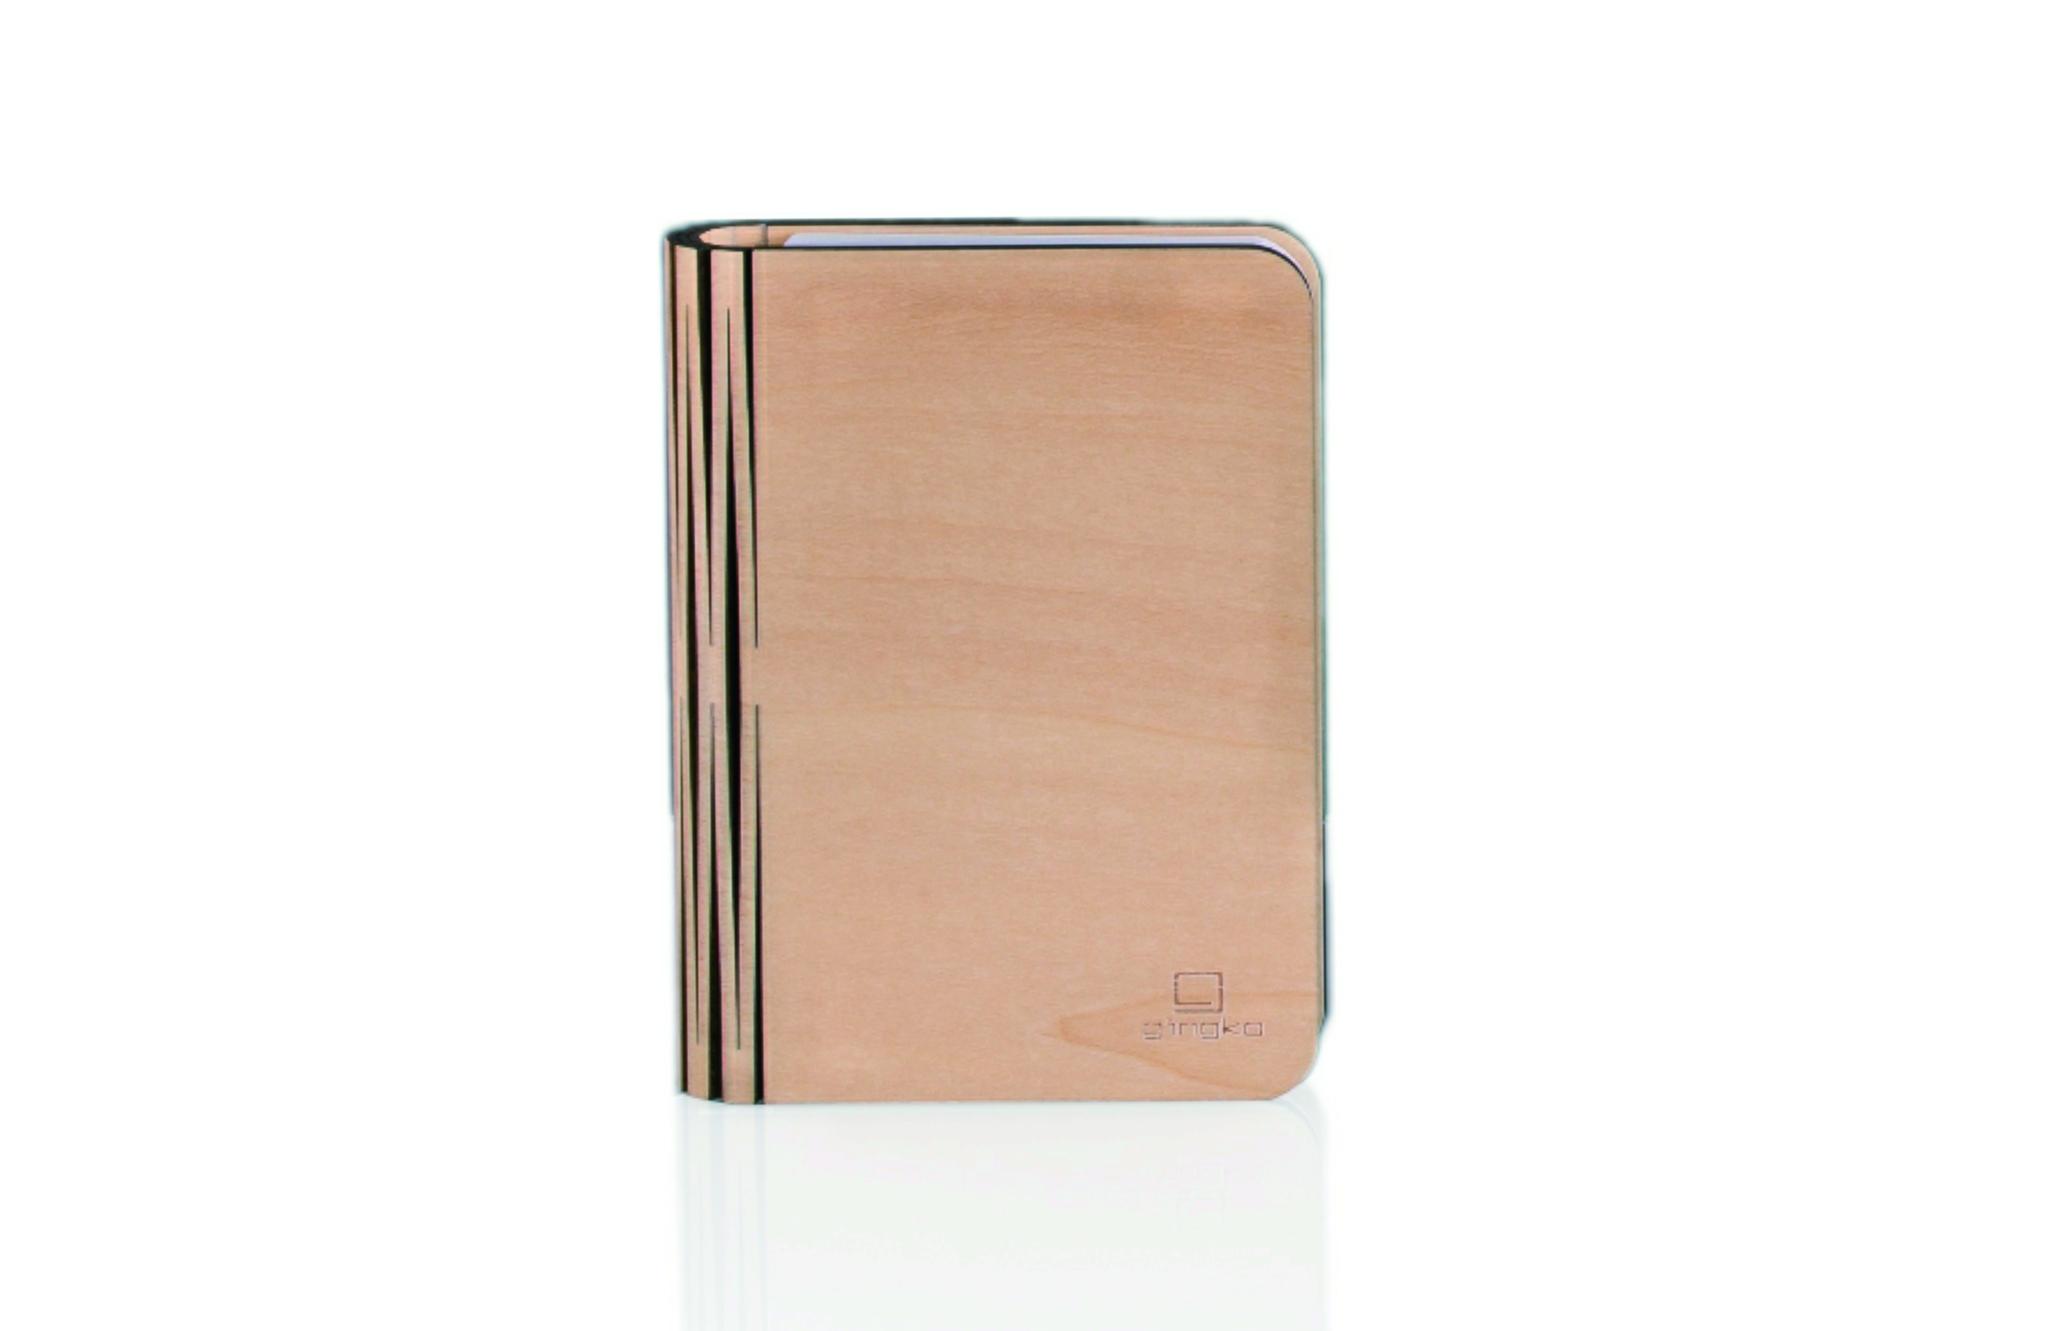 Wood maple klein, inkl. USB Ladekabel, warmes lich